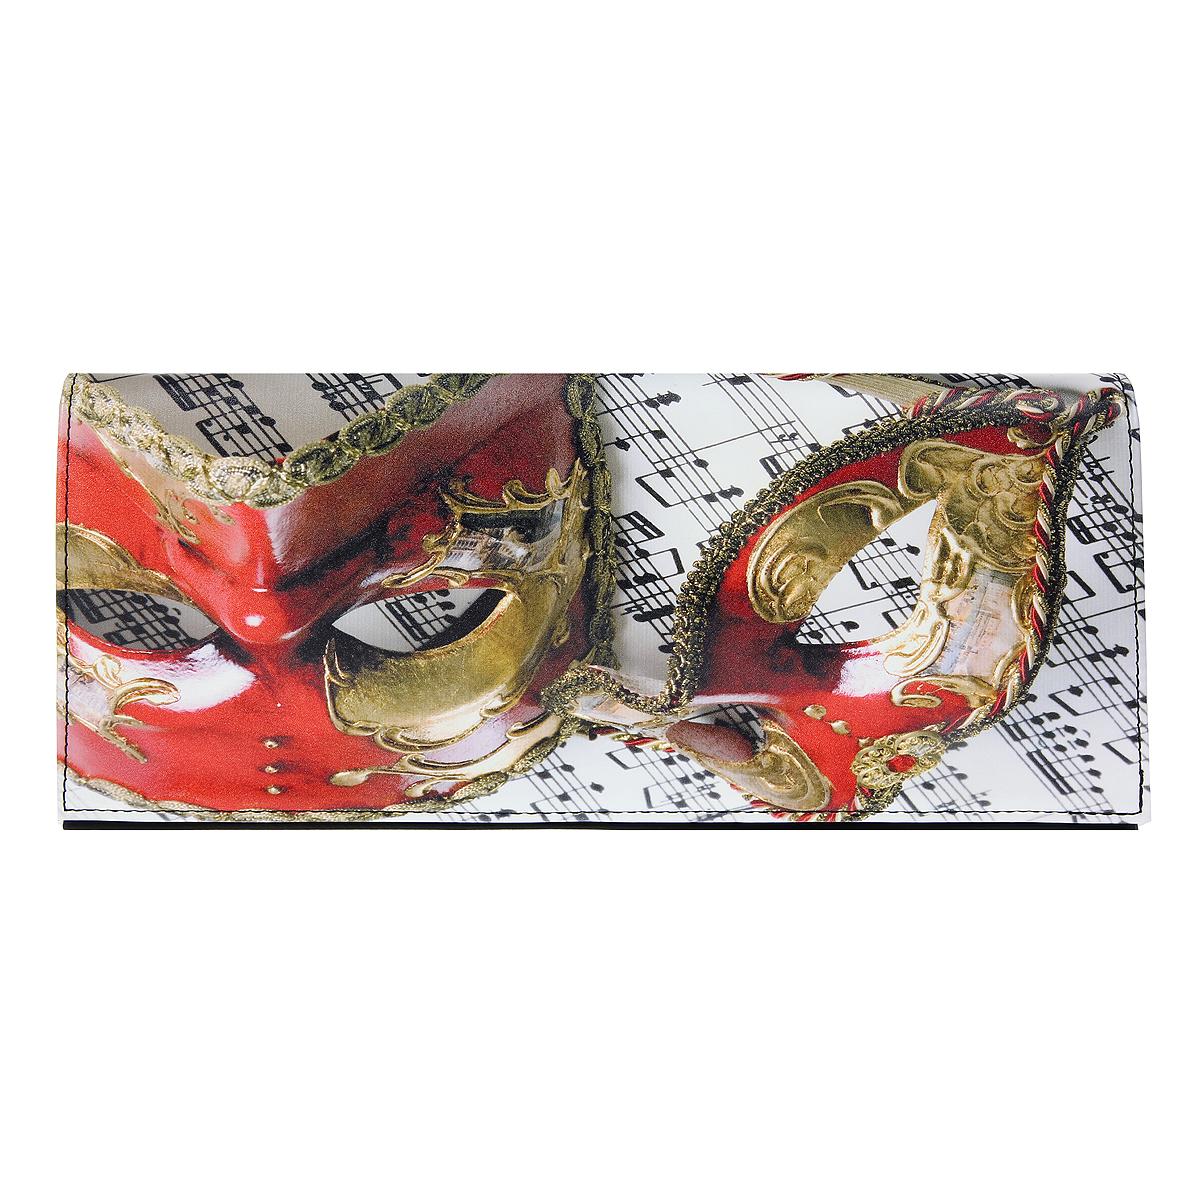 Клатч Flioraj, цвет: черный, белый. 10184-41/5320/1070/60110184-41/5320/1070/601 маИзысканный и модный клатч Flioraj выполнен из искусственной кожи черно-белого цвета с изображением маски. Клатч застегивается клапаном на магнитные кнопки и на молнию. Внутри расположено - два отделения, разделенные по середине отдельным карманом на молнии, накладной карман для мелочей. К клатчу прилагаются два съемных ремня. Такой клатч станет идеальным дополнением к весеннему настроению.